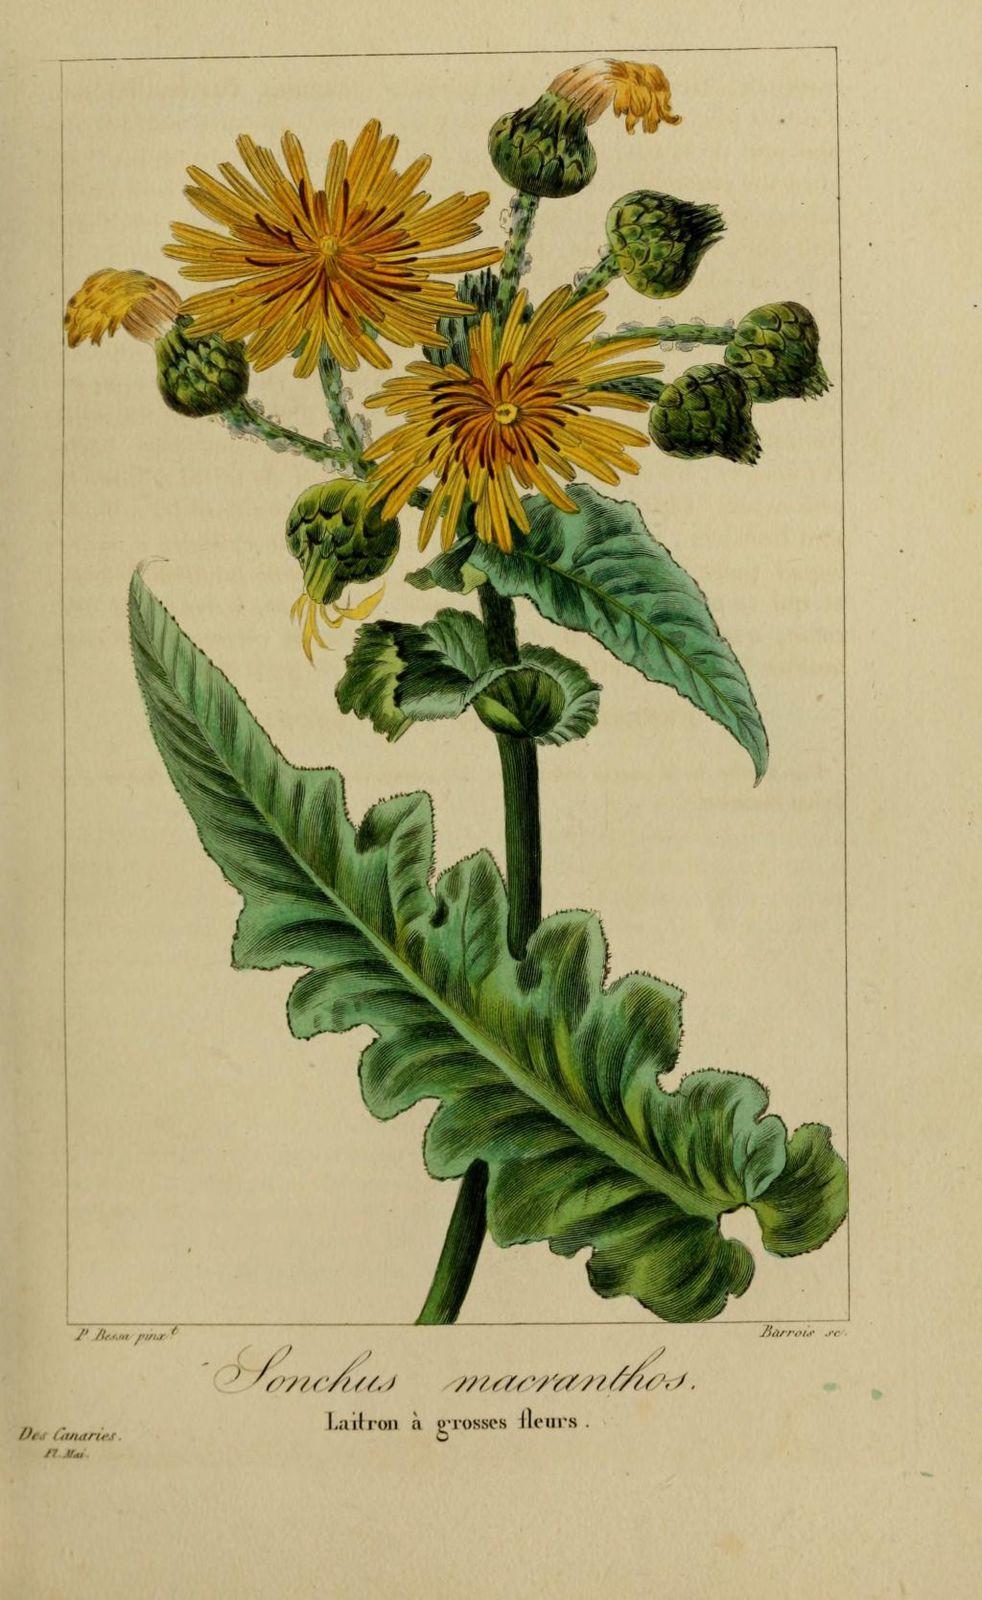 40123 laitron a grosses fleurs - sonchus macranthos